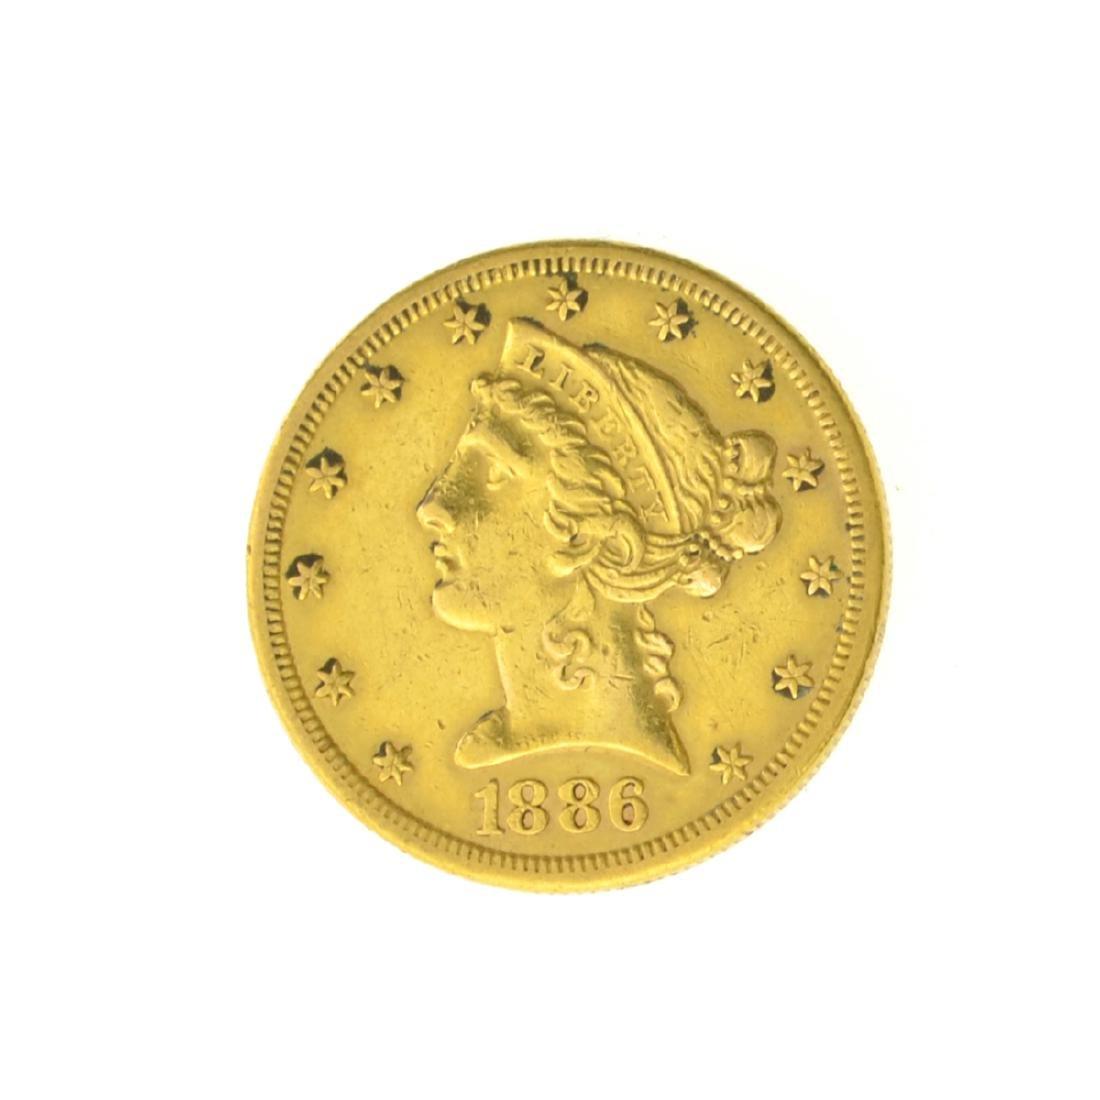 *1886-S $5.00 U.S. Liberty Head Gold Coin (JG)